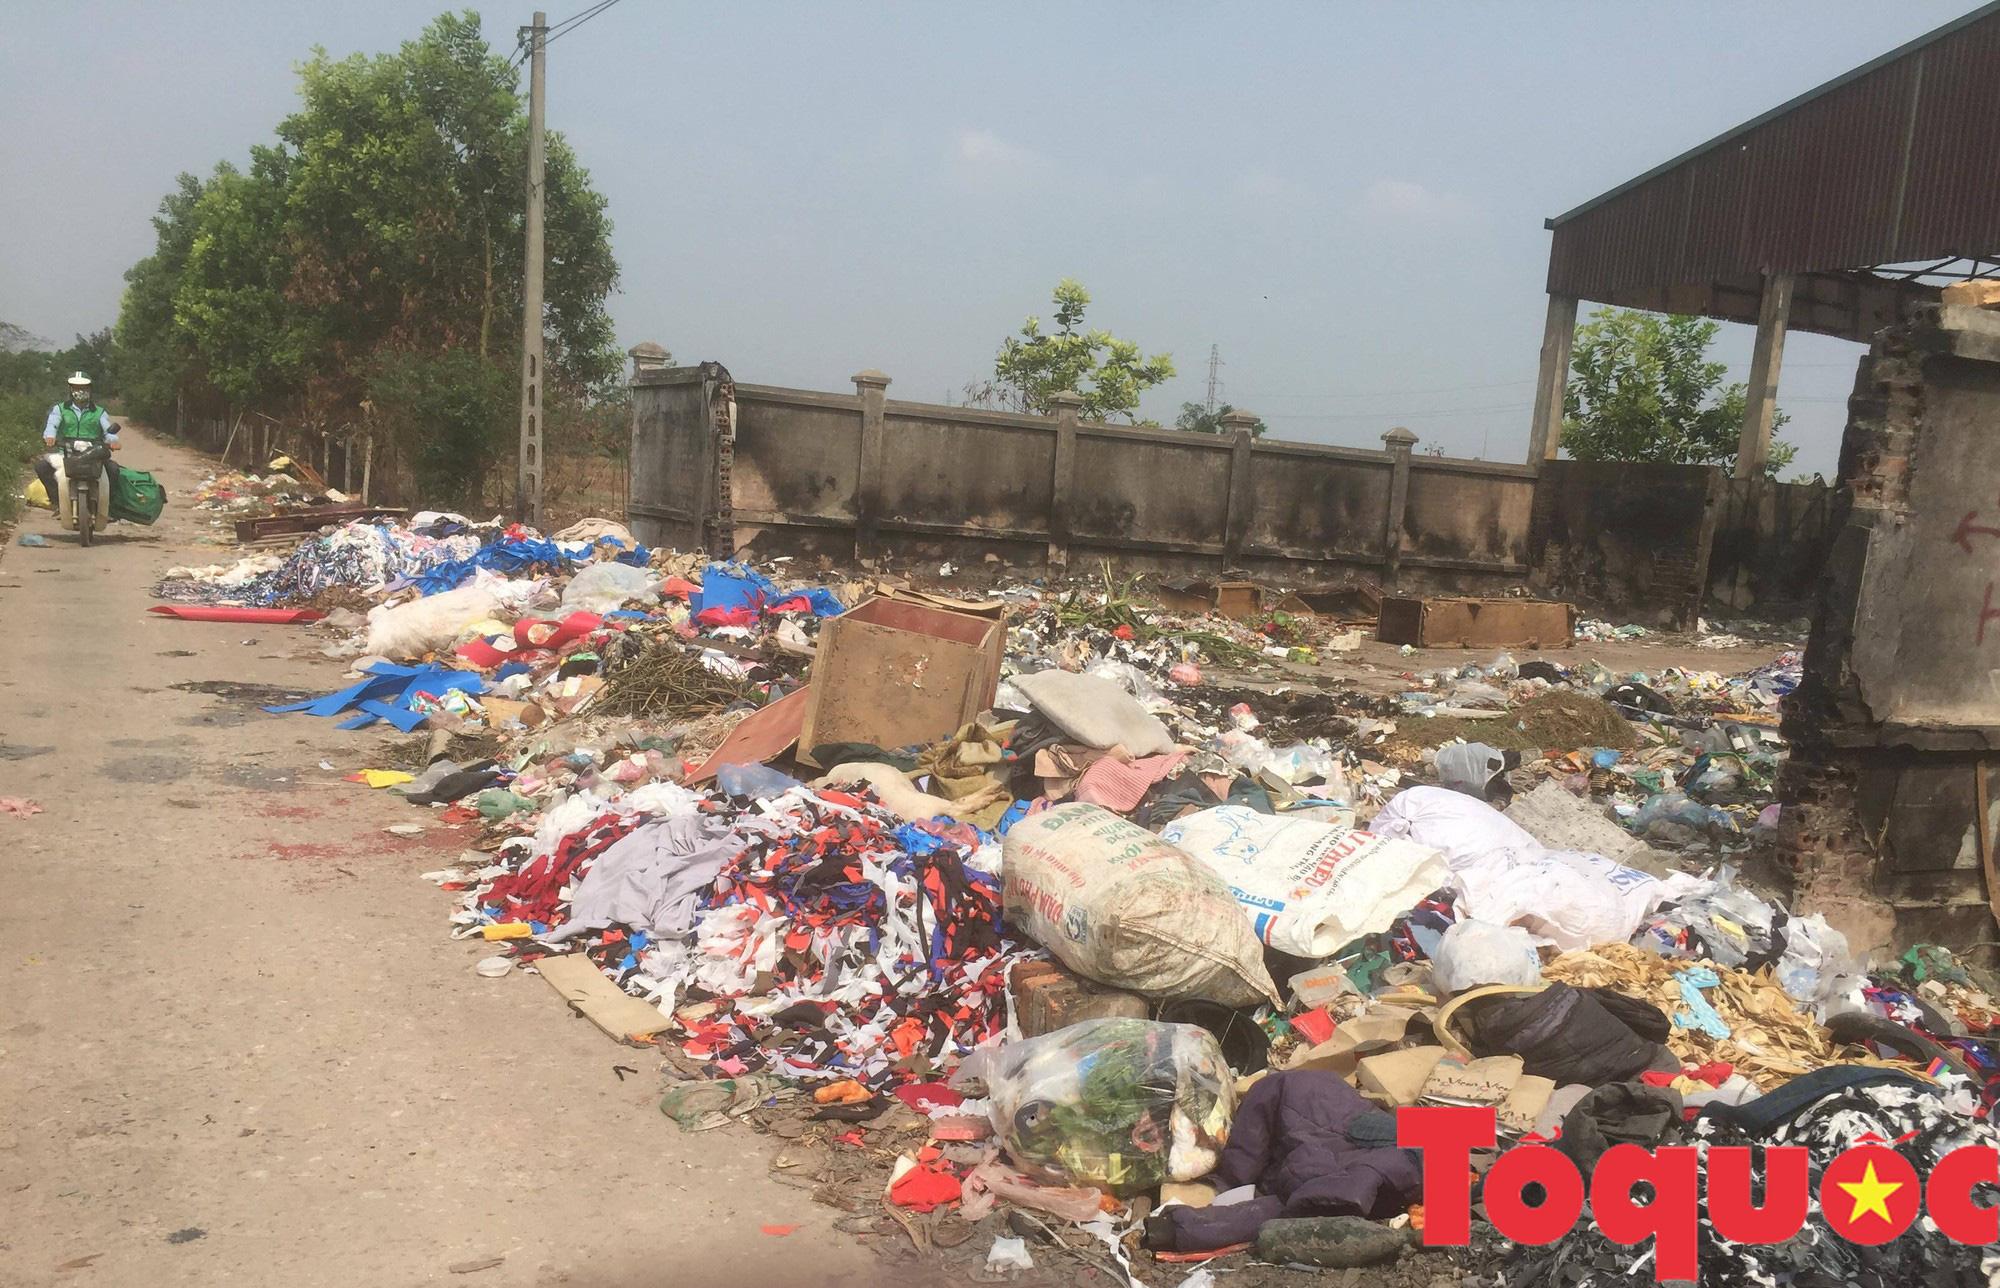 Kỳ 1 - Ô nhiễm môi trường: Con sông, tuyến đường ngập rác - Ảnh 10.